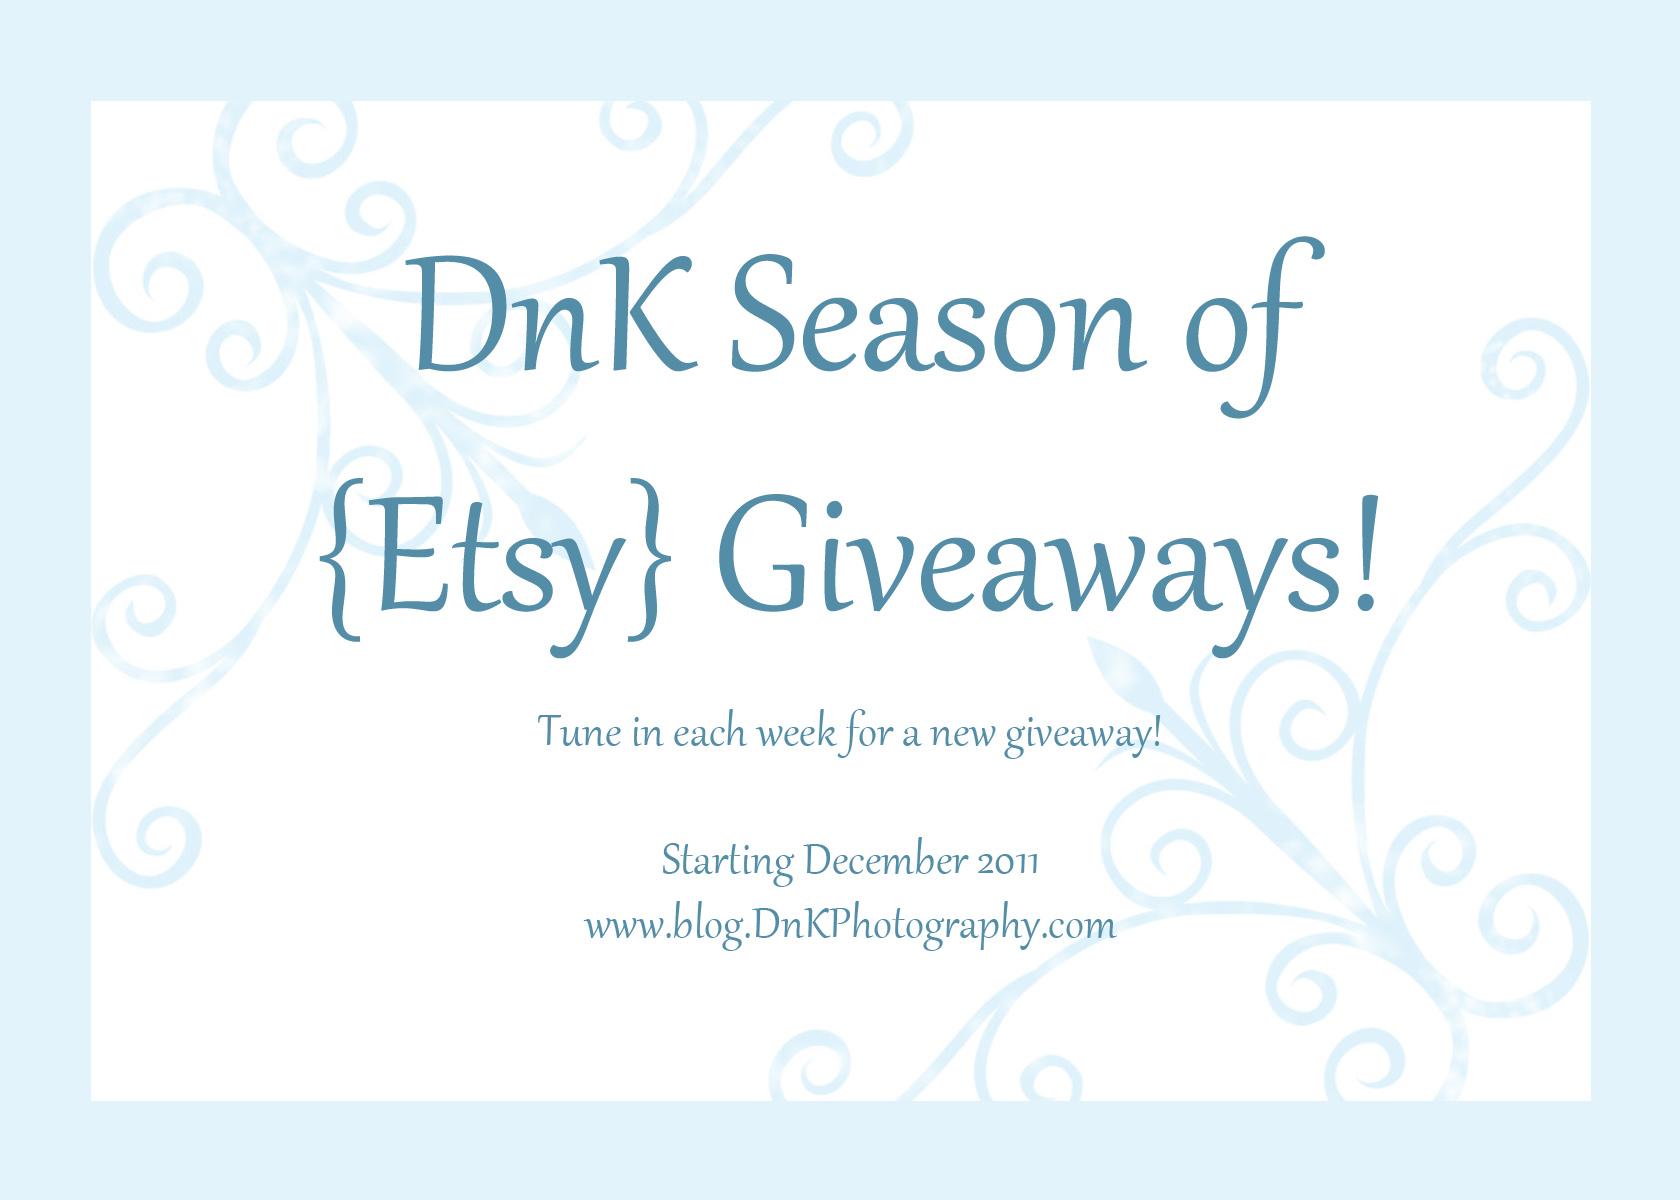 Blog giveaways etsy